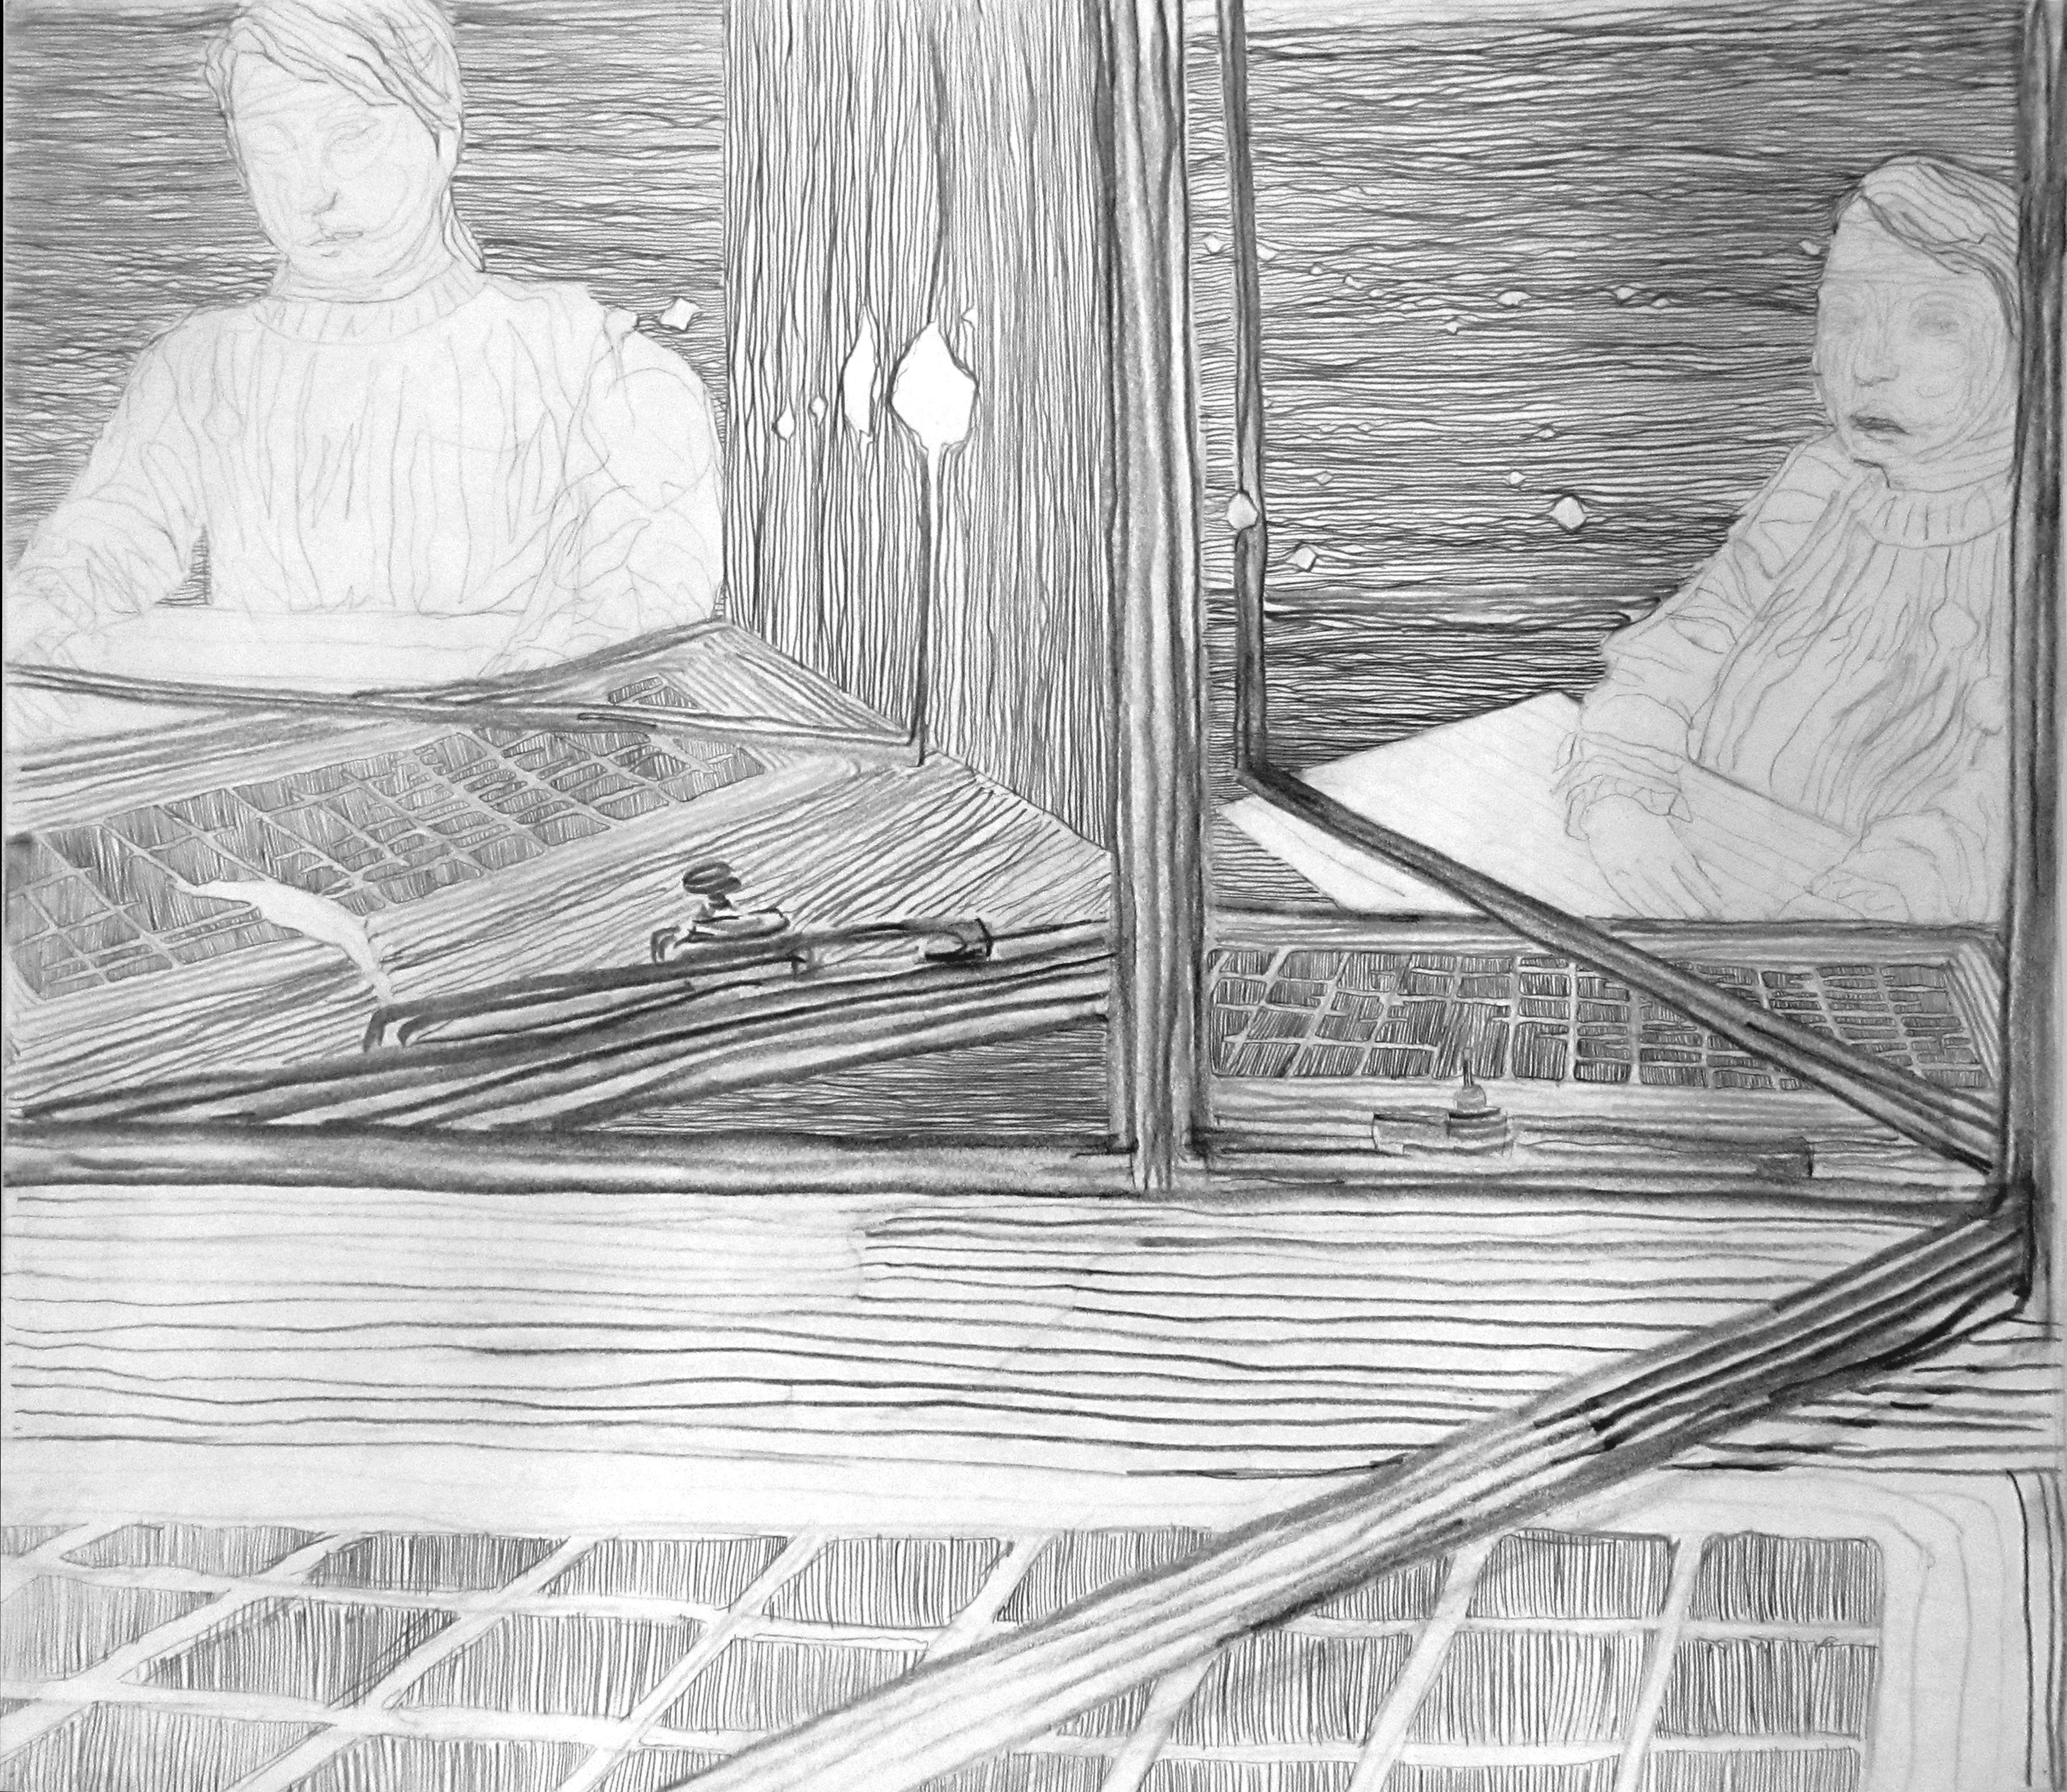 Self-portrait in library window